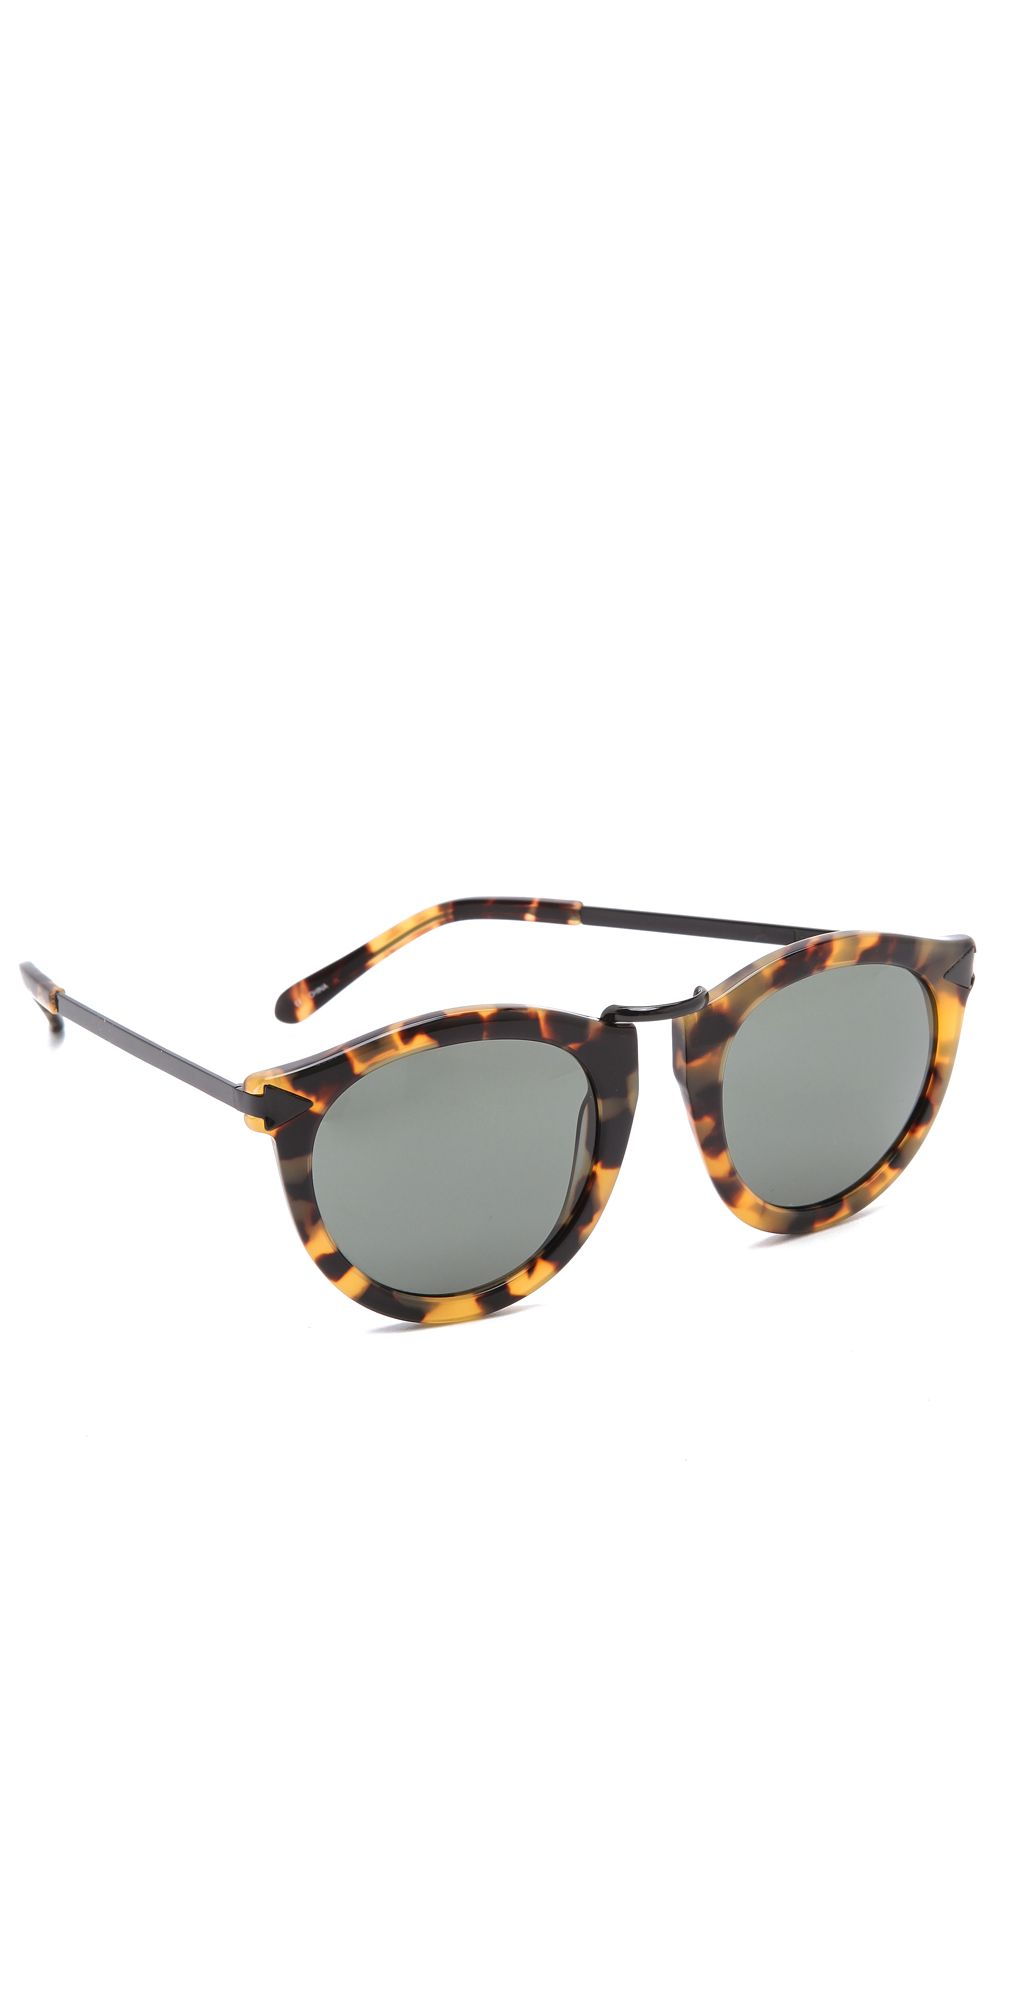 6535de9e367f Karen Walker Harvest Sunglasses